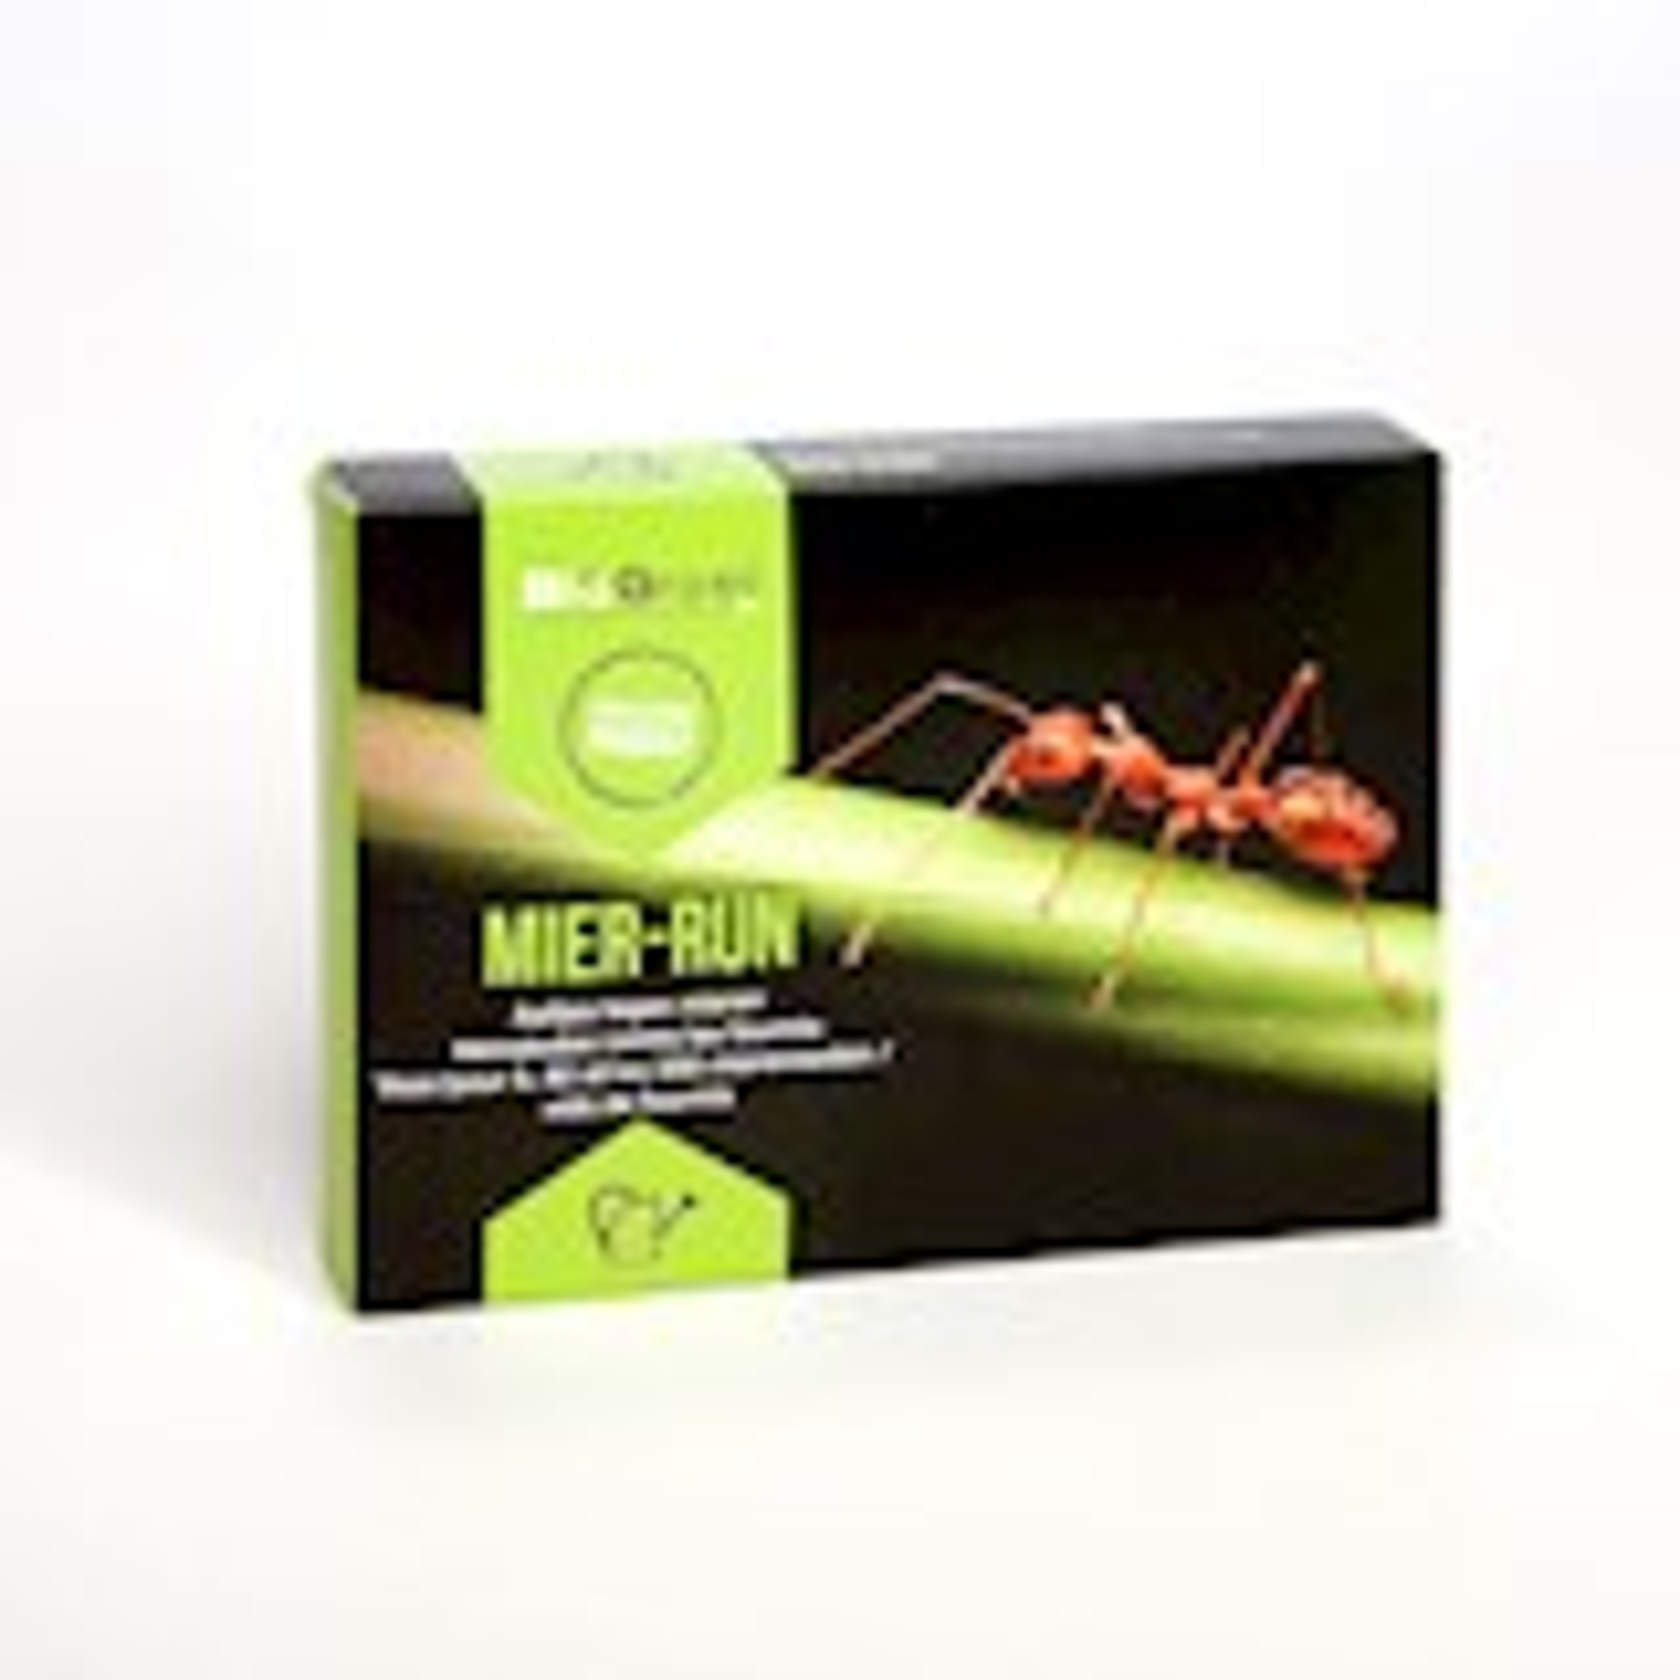 Mier-run 5m² tegen zwarte en rode mieren